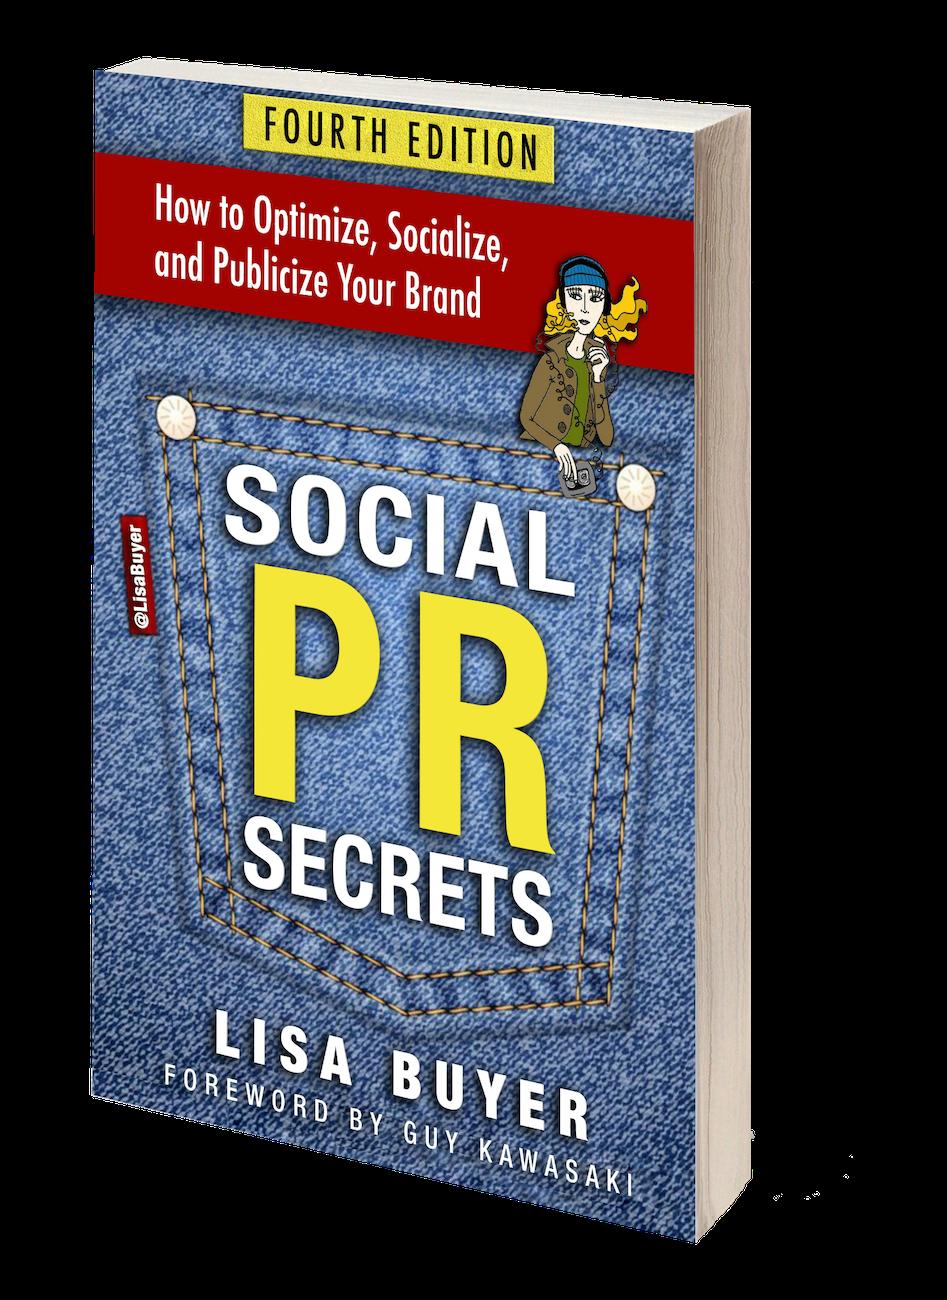 Social PR Secrets Book